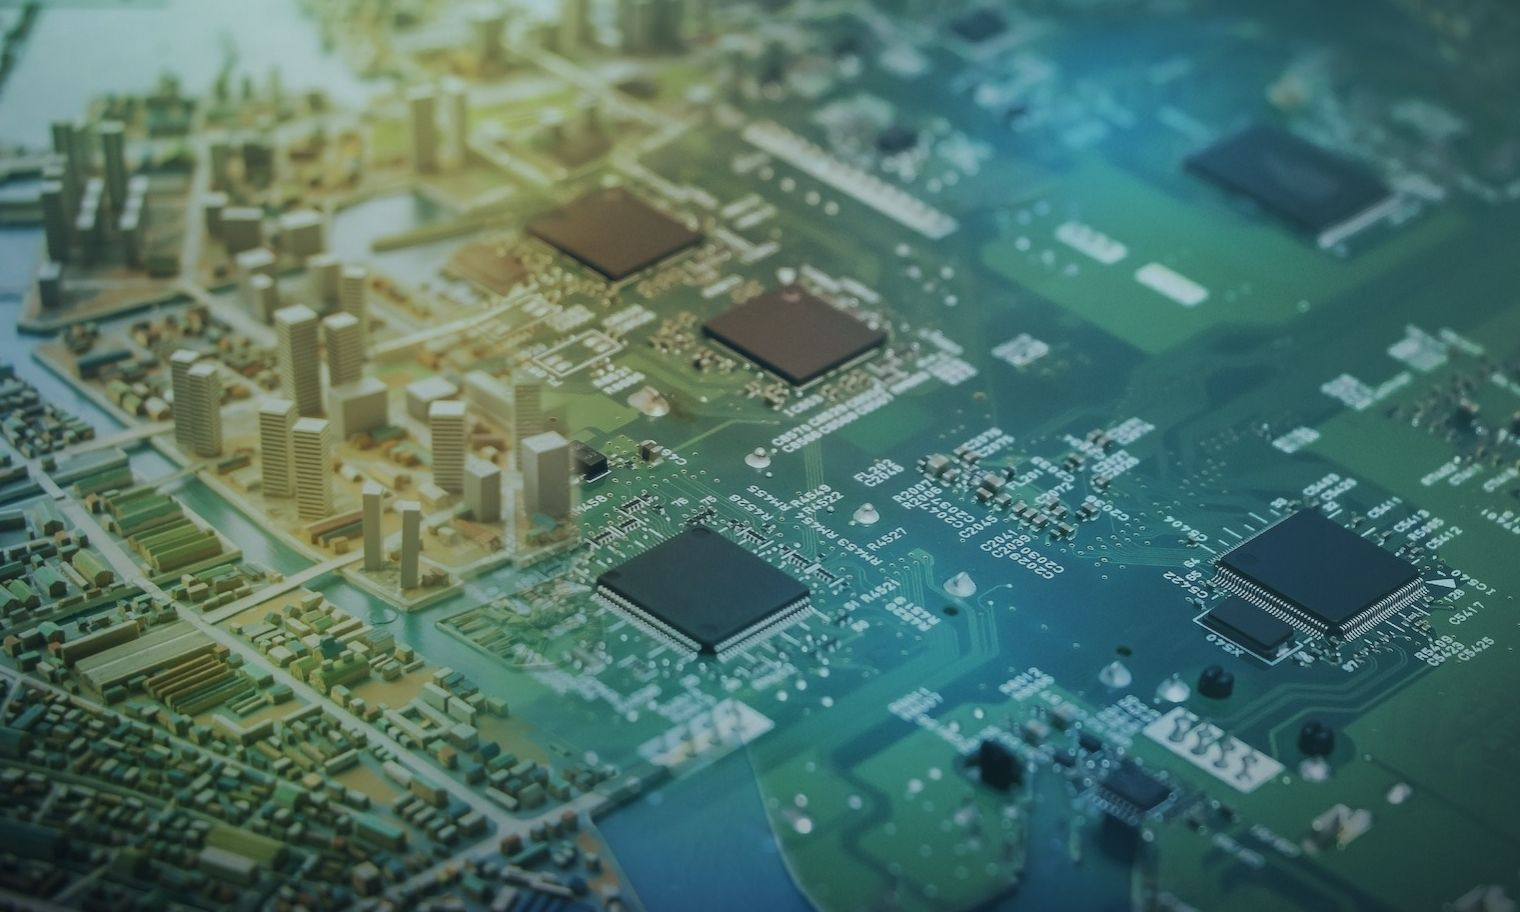 La universalización de la digitalización es posible - Gianni Cecchin - Verne Group